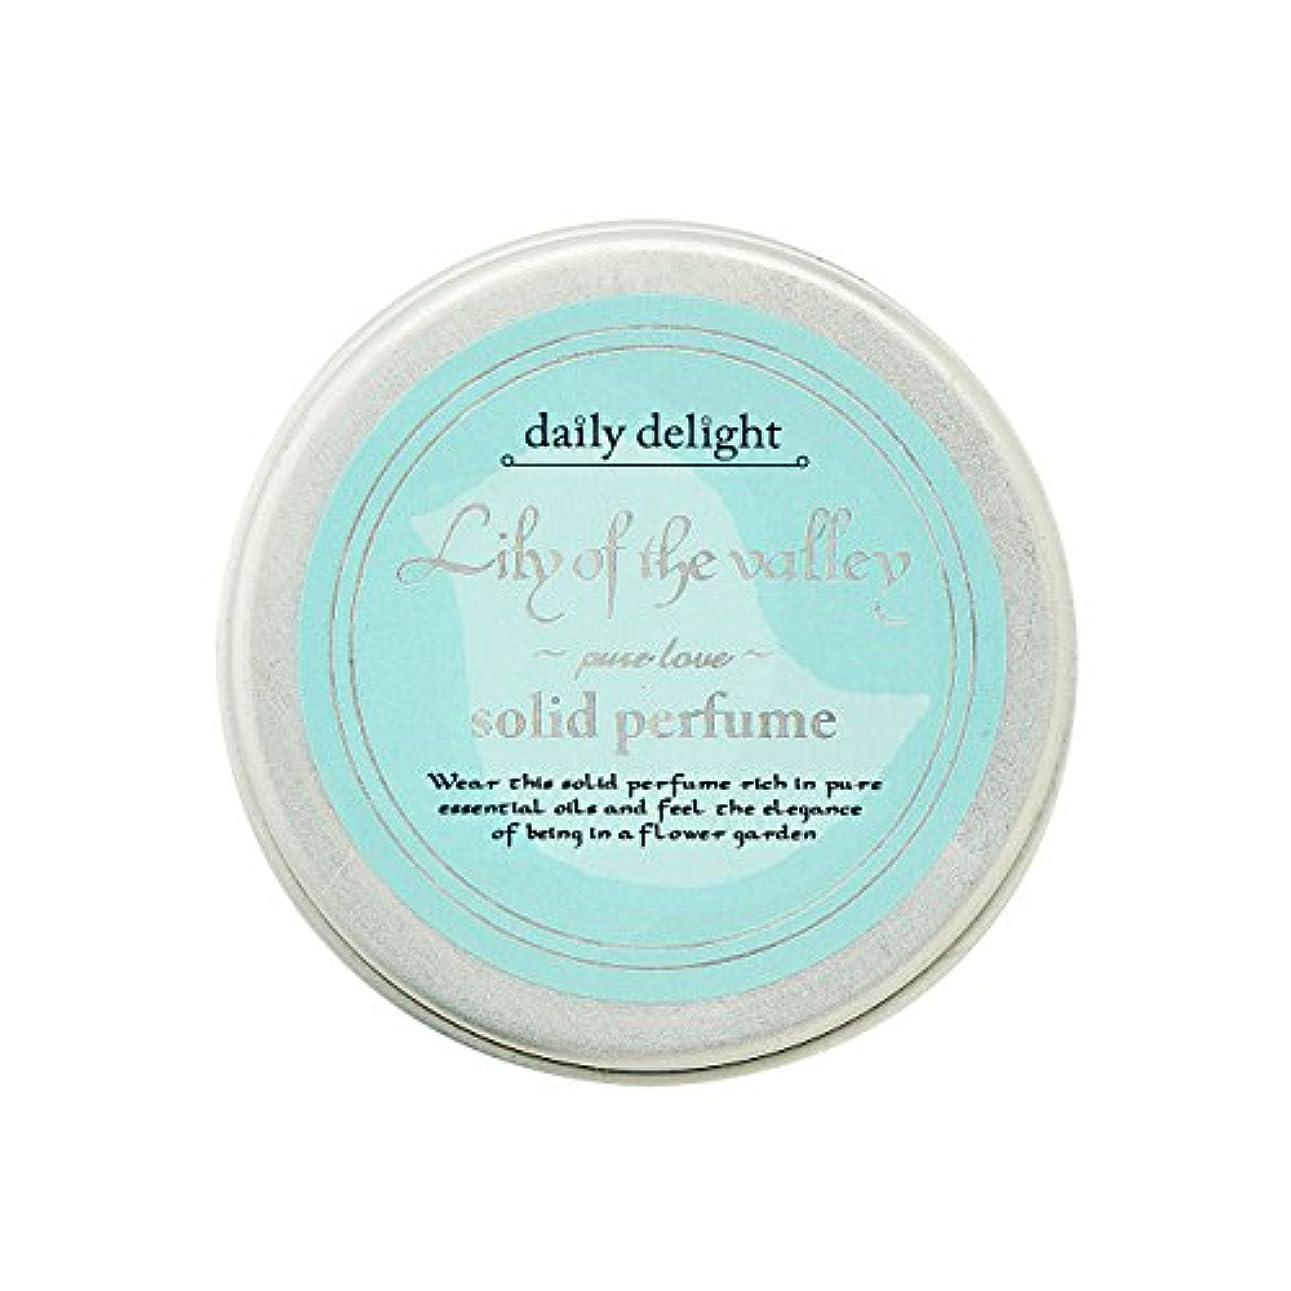 有害な懸念待つデイリーディライト 練り香水 スズラン  10g(香水 携帯用 ソリッドパフューム アルコールフリー さわやかな透明感のあるスズランの香り)